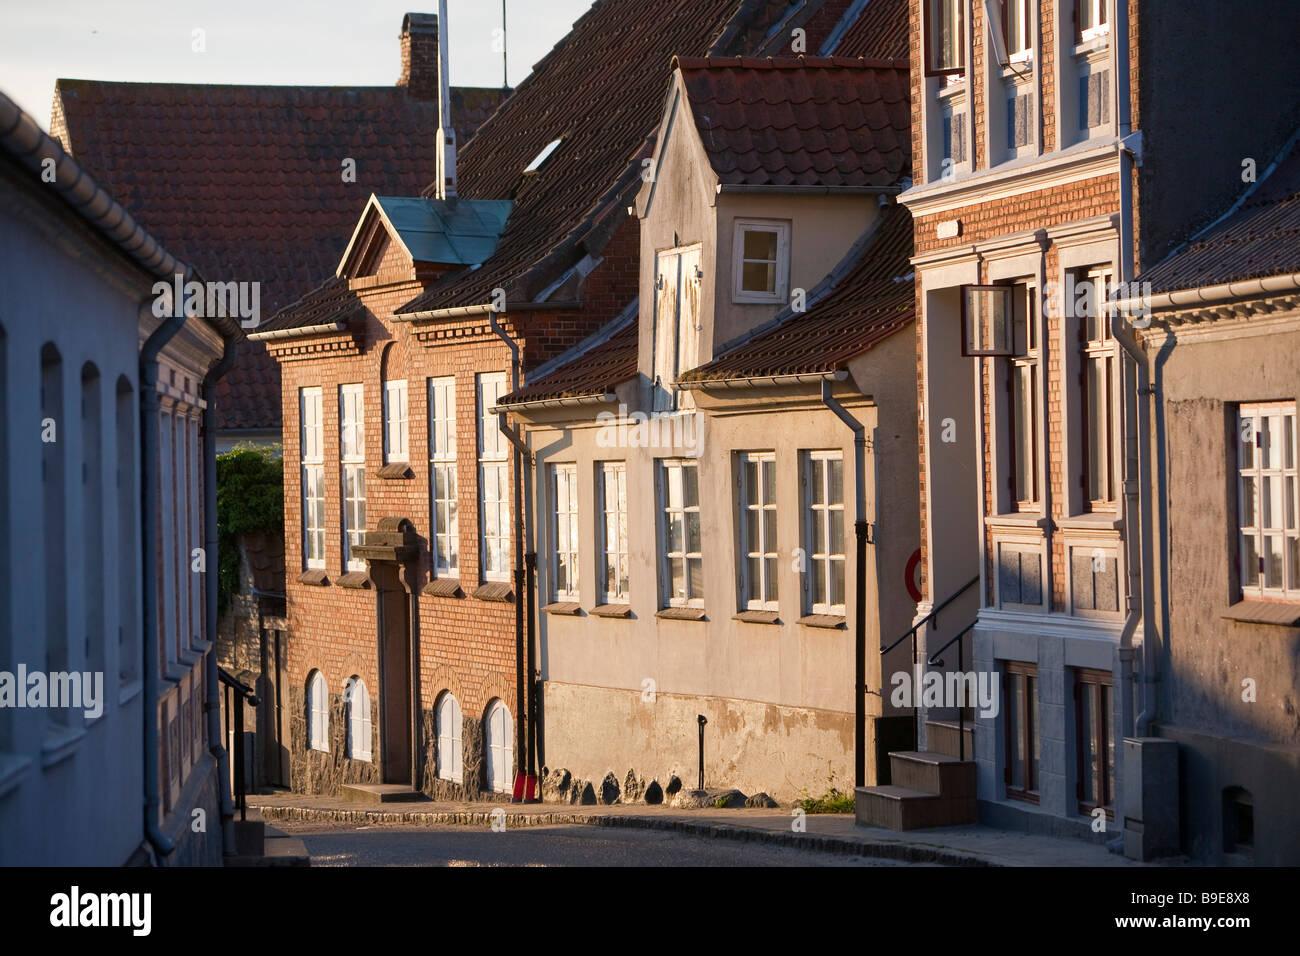 Marstal Ærø island Funen Denmark - Stock Image